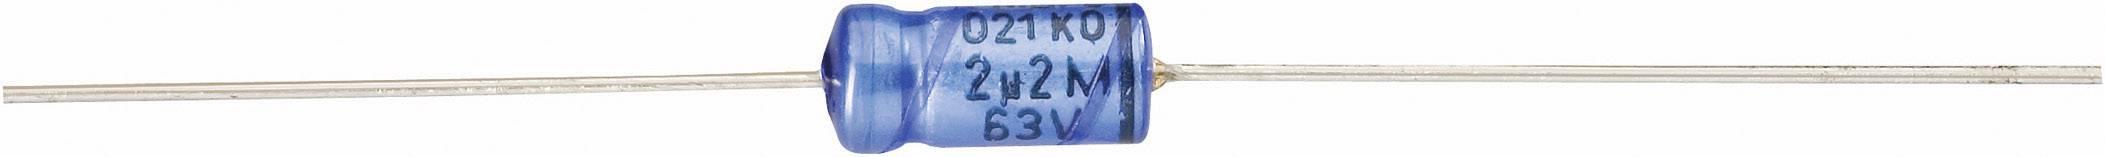 Elektrolytický kondenzátor Vishay 2222 021 37479, axiálne vývody, 47 µF, 40 V, 20 %, 1 ks